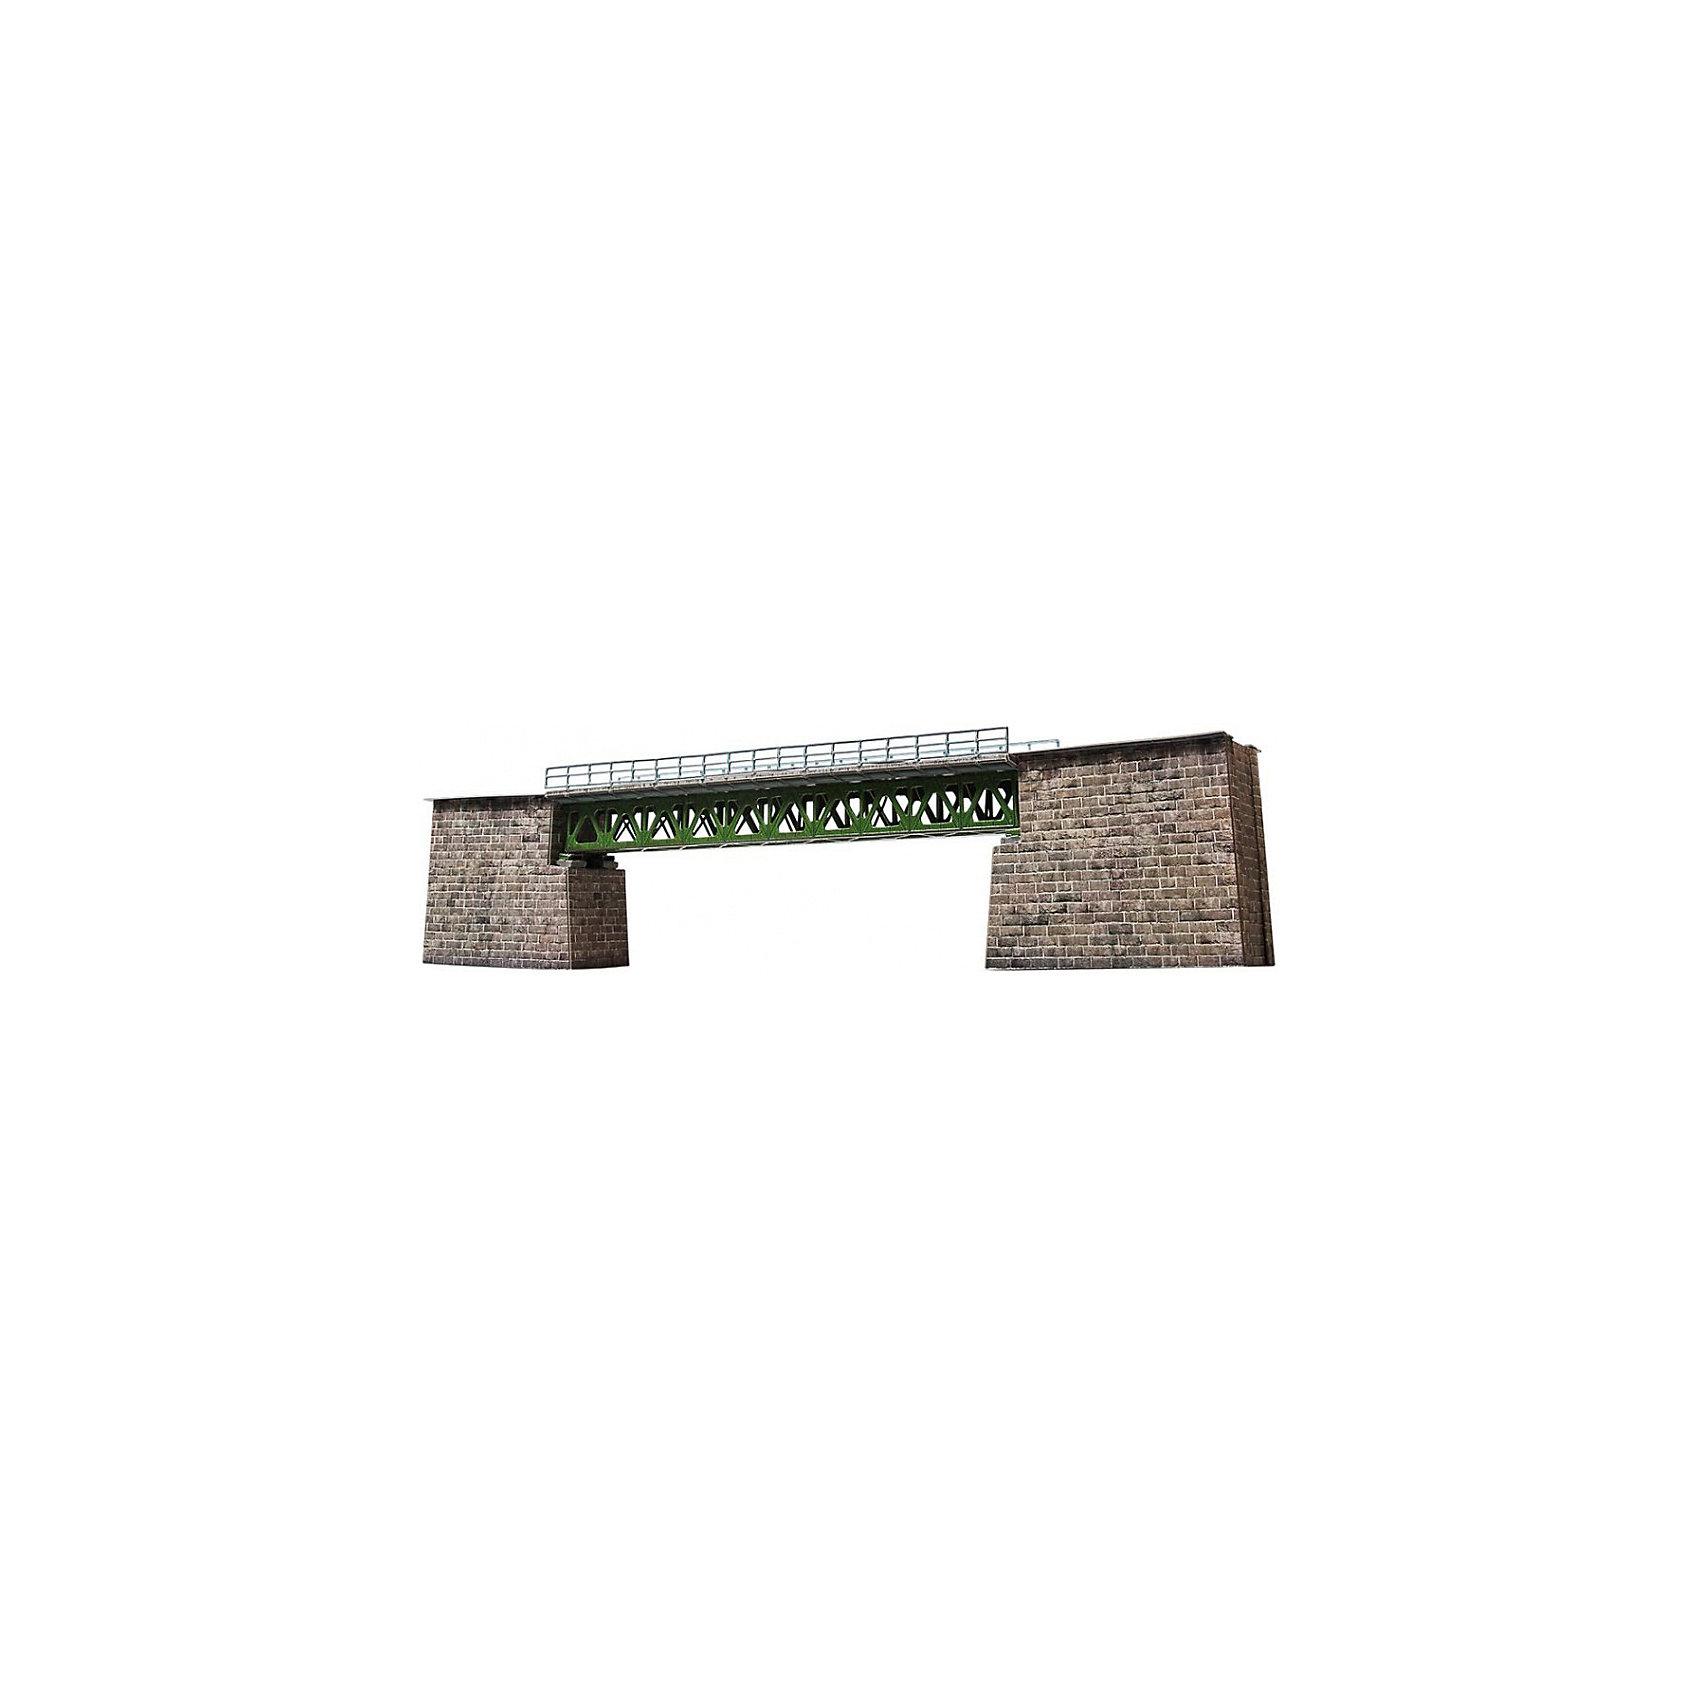 Сборная модель Железнодорожный мостЖелезнодорожный мост(СССР-Россия), масштаб 1/87 - Сборная модель из картона. Серия: Масштабные модели. Количество деталей, шт: 28. Размер в собранном виде, см: 11х54х5,5. Размер упаковки, мм.:  высота 255 ширина 370 глубина 24. Тип упаковки: Картонная коробка. Вес, гр.: 320. Возраст: от 9 лет. Все модели и игрушки, созданные по технологии УМНАЯ БУМАГА собираются без ножниц и клея, что является их неповторимой особенностью.<br>Принцип соединения деталей запатентован. Соединения деталей продуманы и просчитаны с такой точностью, что при правильной сборке с моделью можно играть, как с обычной игрушкой.<br><br>Ширина мм: 370<br>Глубина мм: 24<br>Высота мм: 255<br>Вес г: 320<br>Возраст от месяцев: 84<br>Возраст до месяцев: 2147483647<br>Пол: Унисекс<br>Возраст: Детский<br>SKU: 4807514